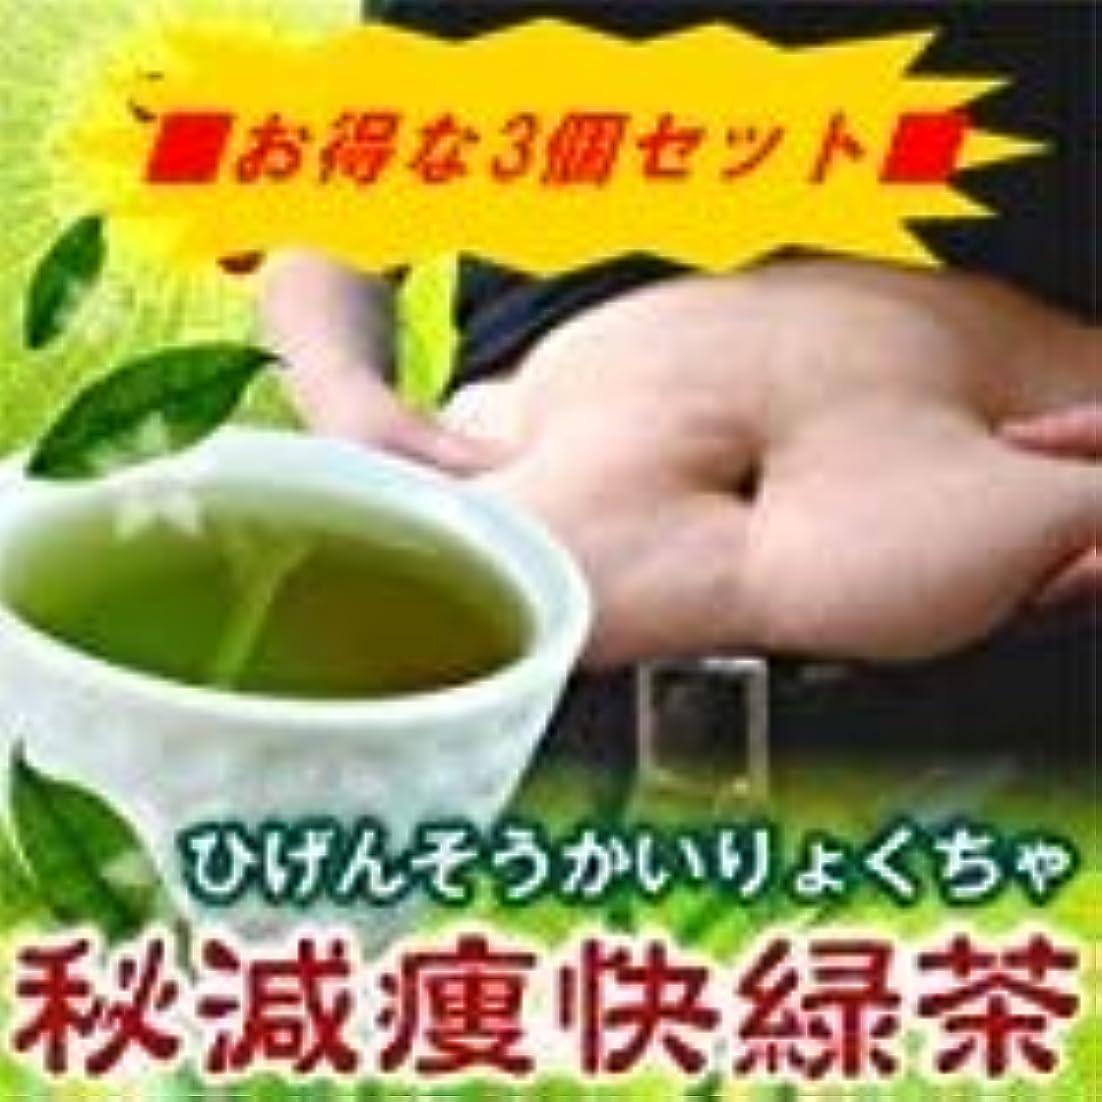 判決歌絶縁する秘減痩快緑茶(ひげんそうかいりょくちゃ) 3個セット?